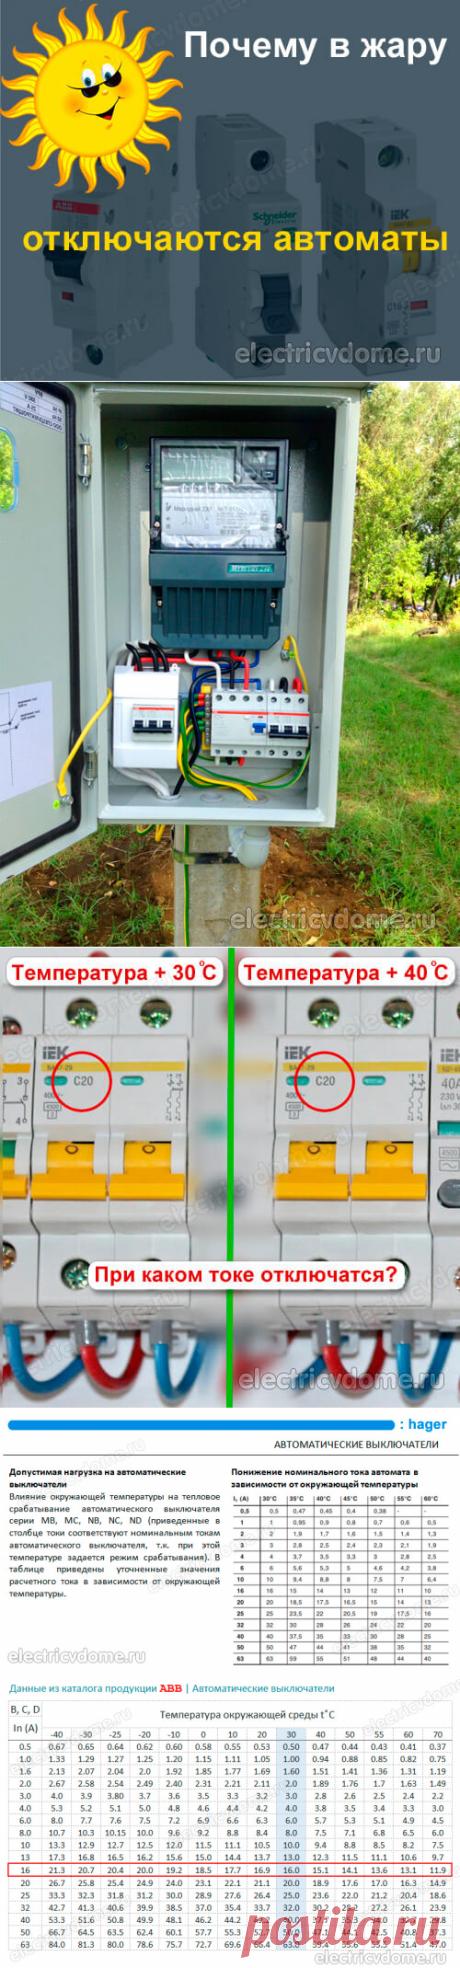 Почему в жару срабатывает автоматический выключатель. Отключается автомат в жару